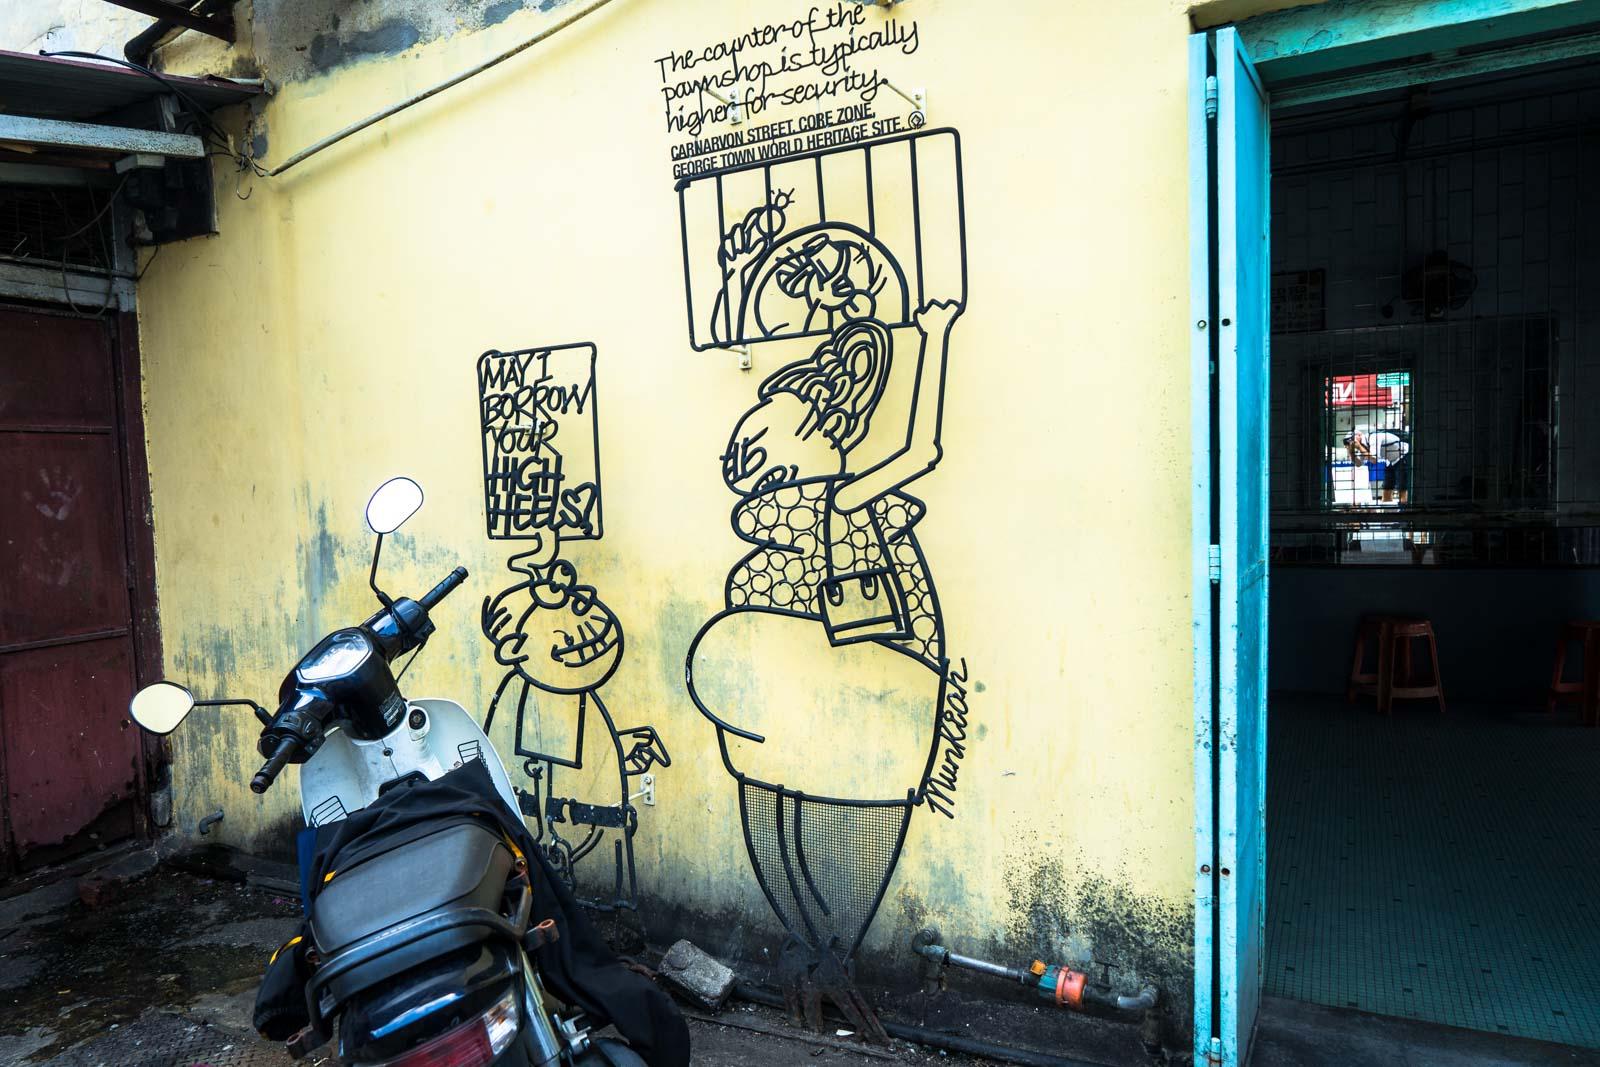 Steel rod comic art, George Town, Malaysia